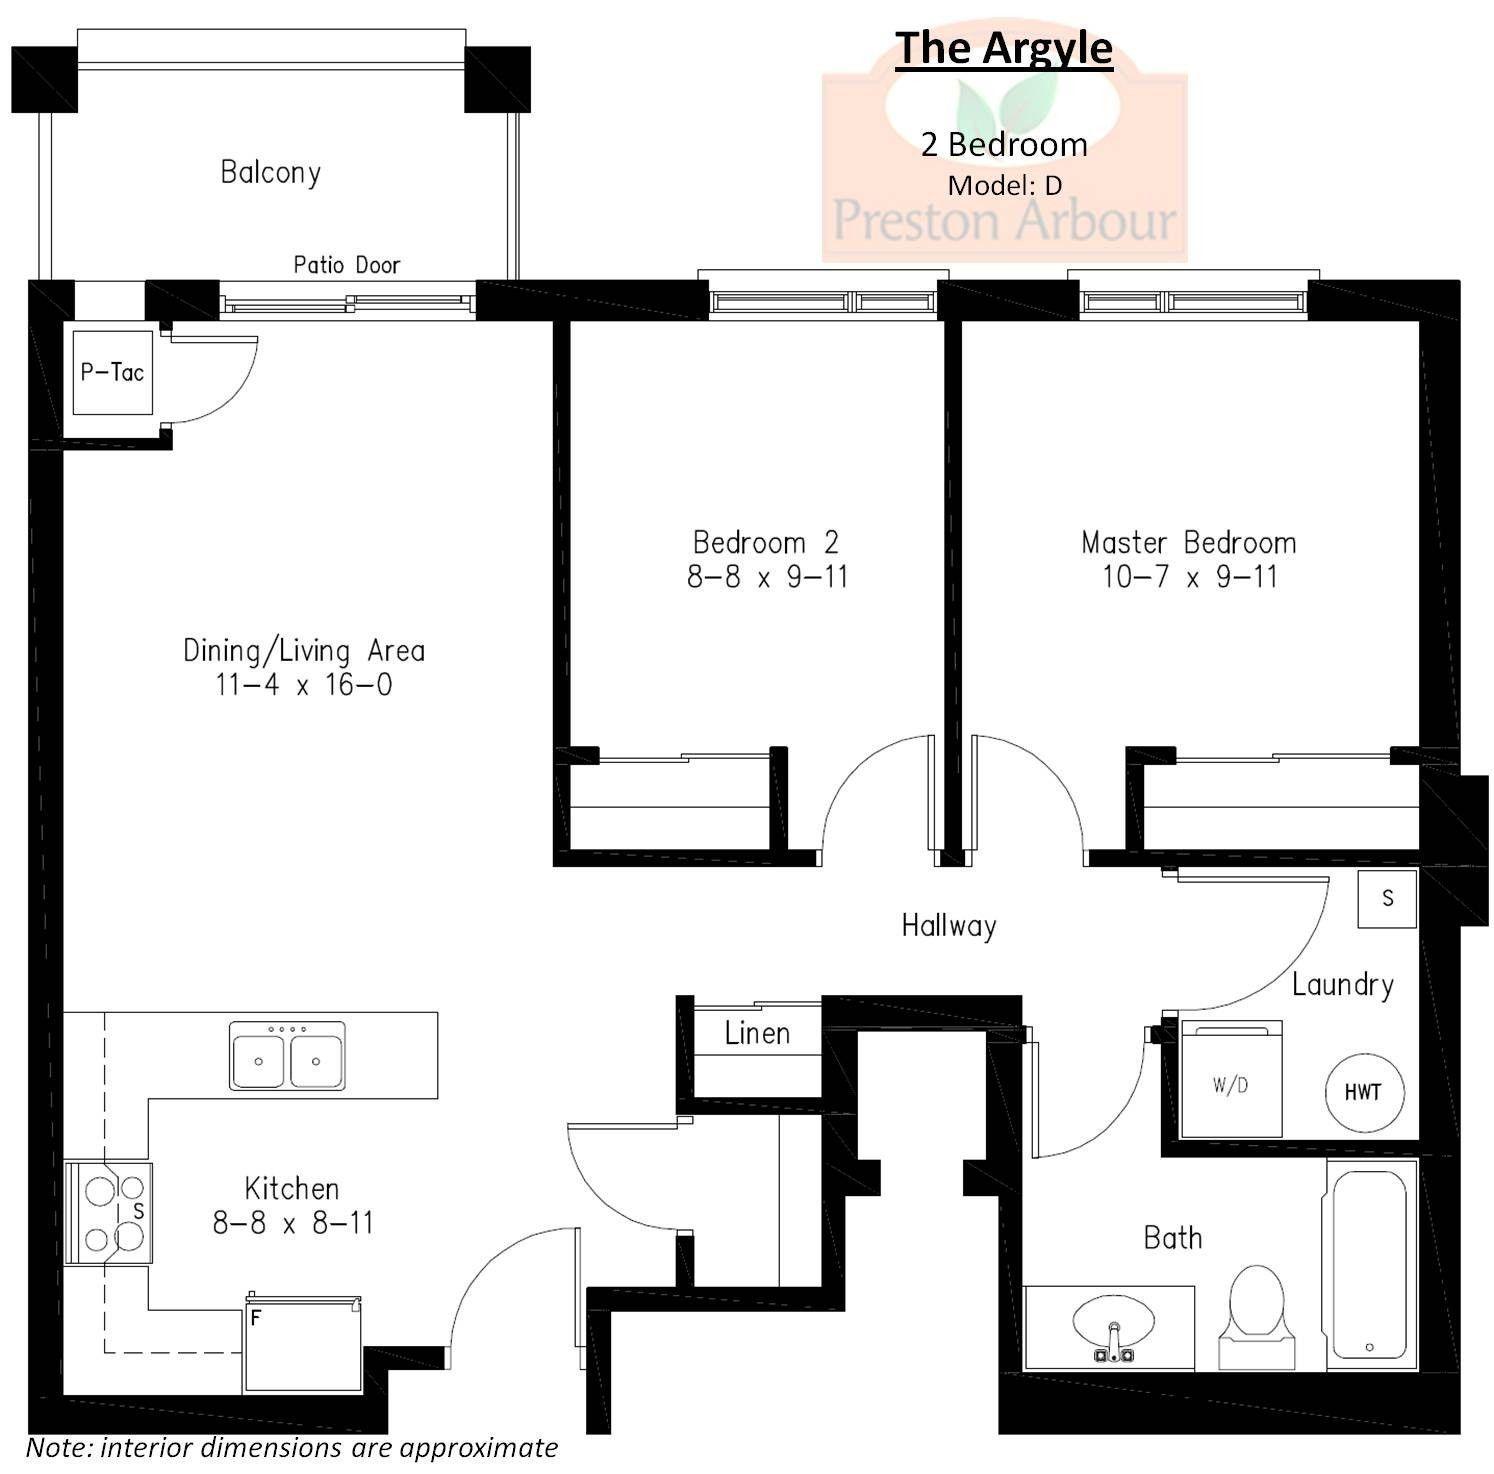 2 Bedroom Rv Floor Plans Home Design Floor Plans Floor Plan